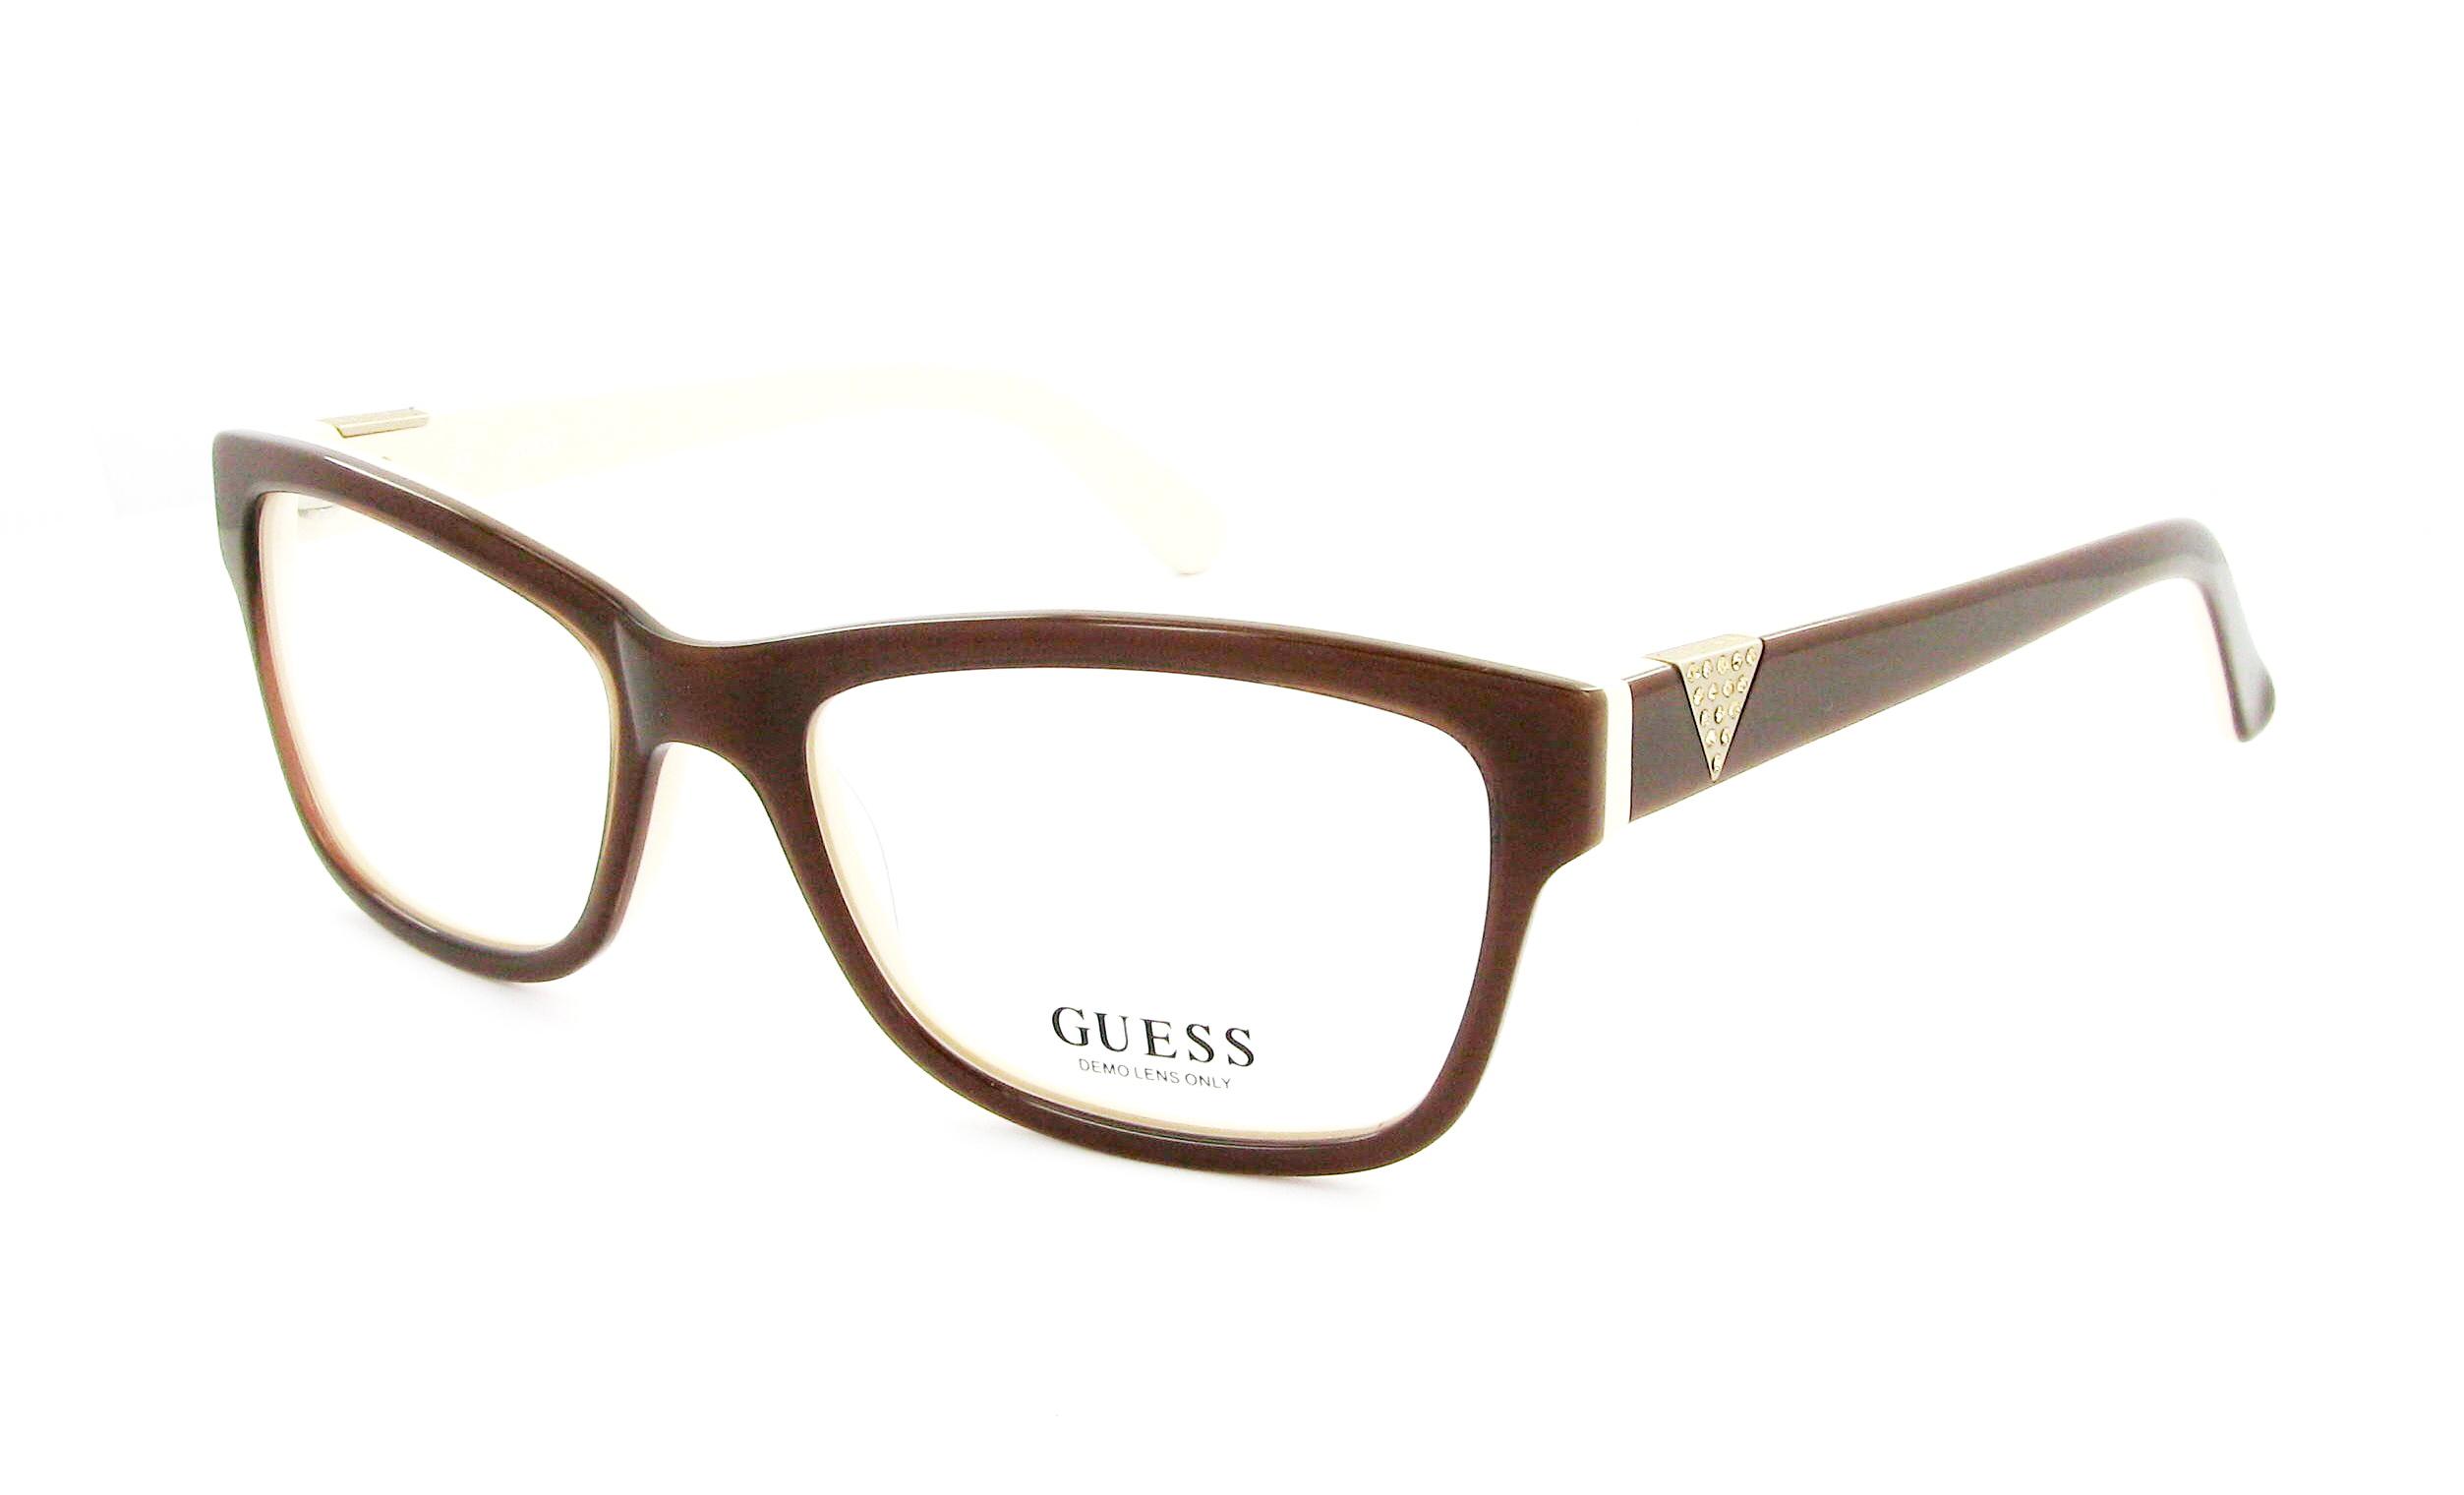 Eyeglasses 0mmx0mm 0?